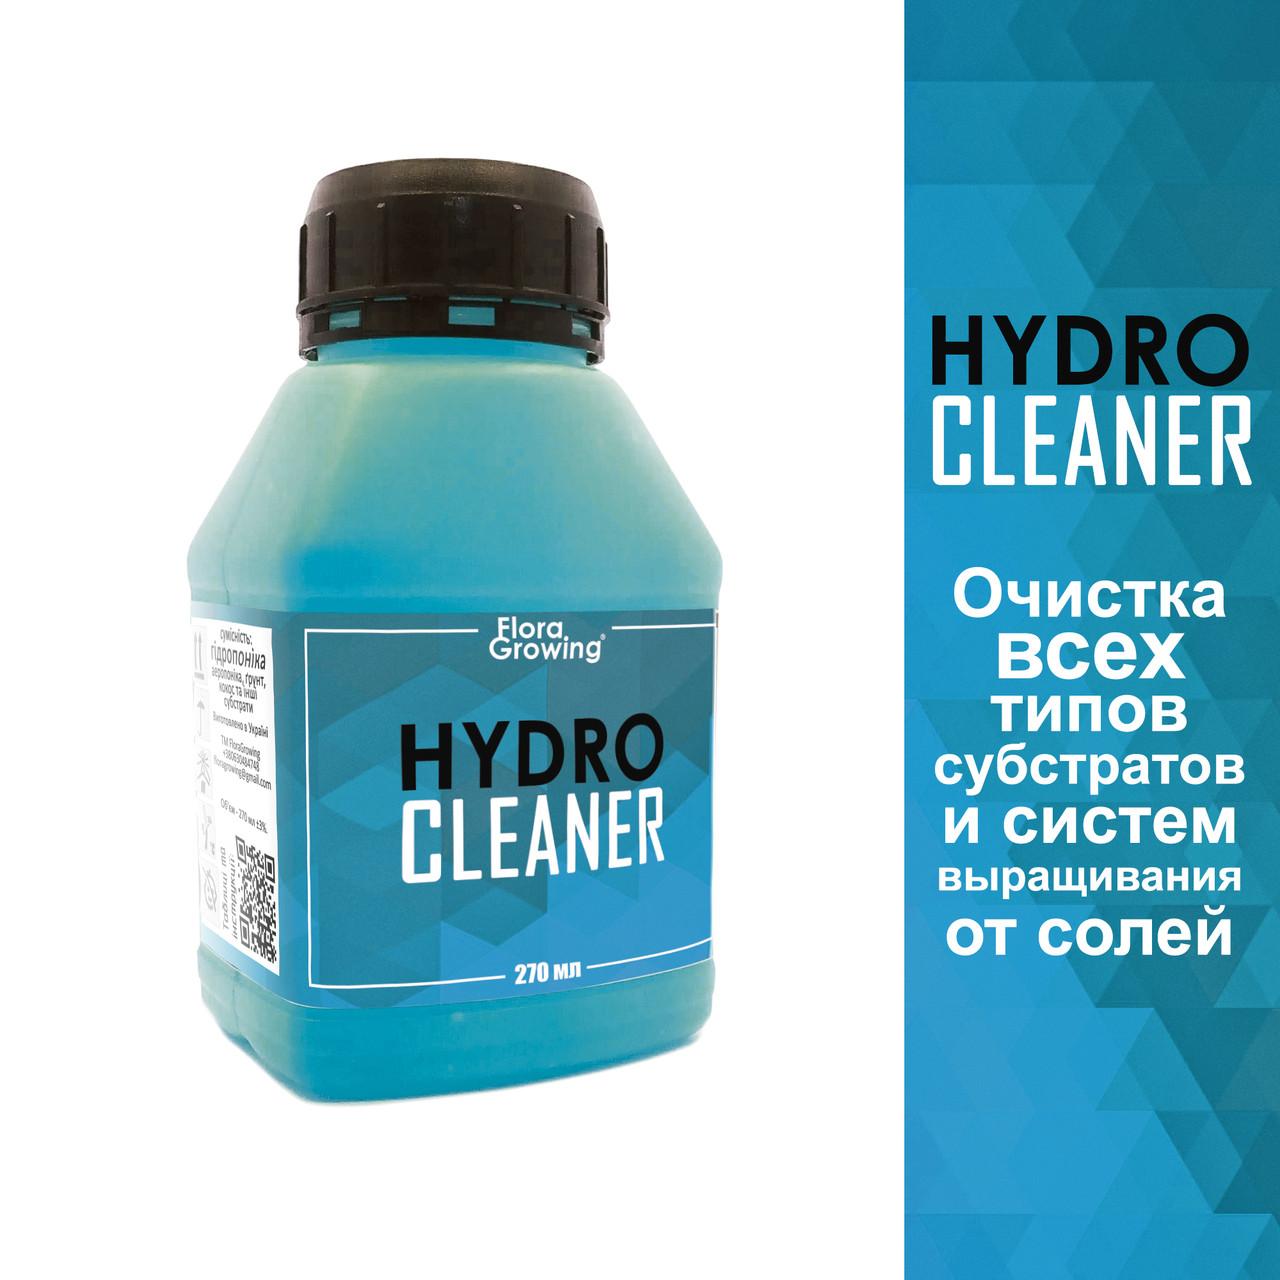 270 мл HydroCleaner - аналог Flora Kleen GHE